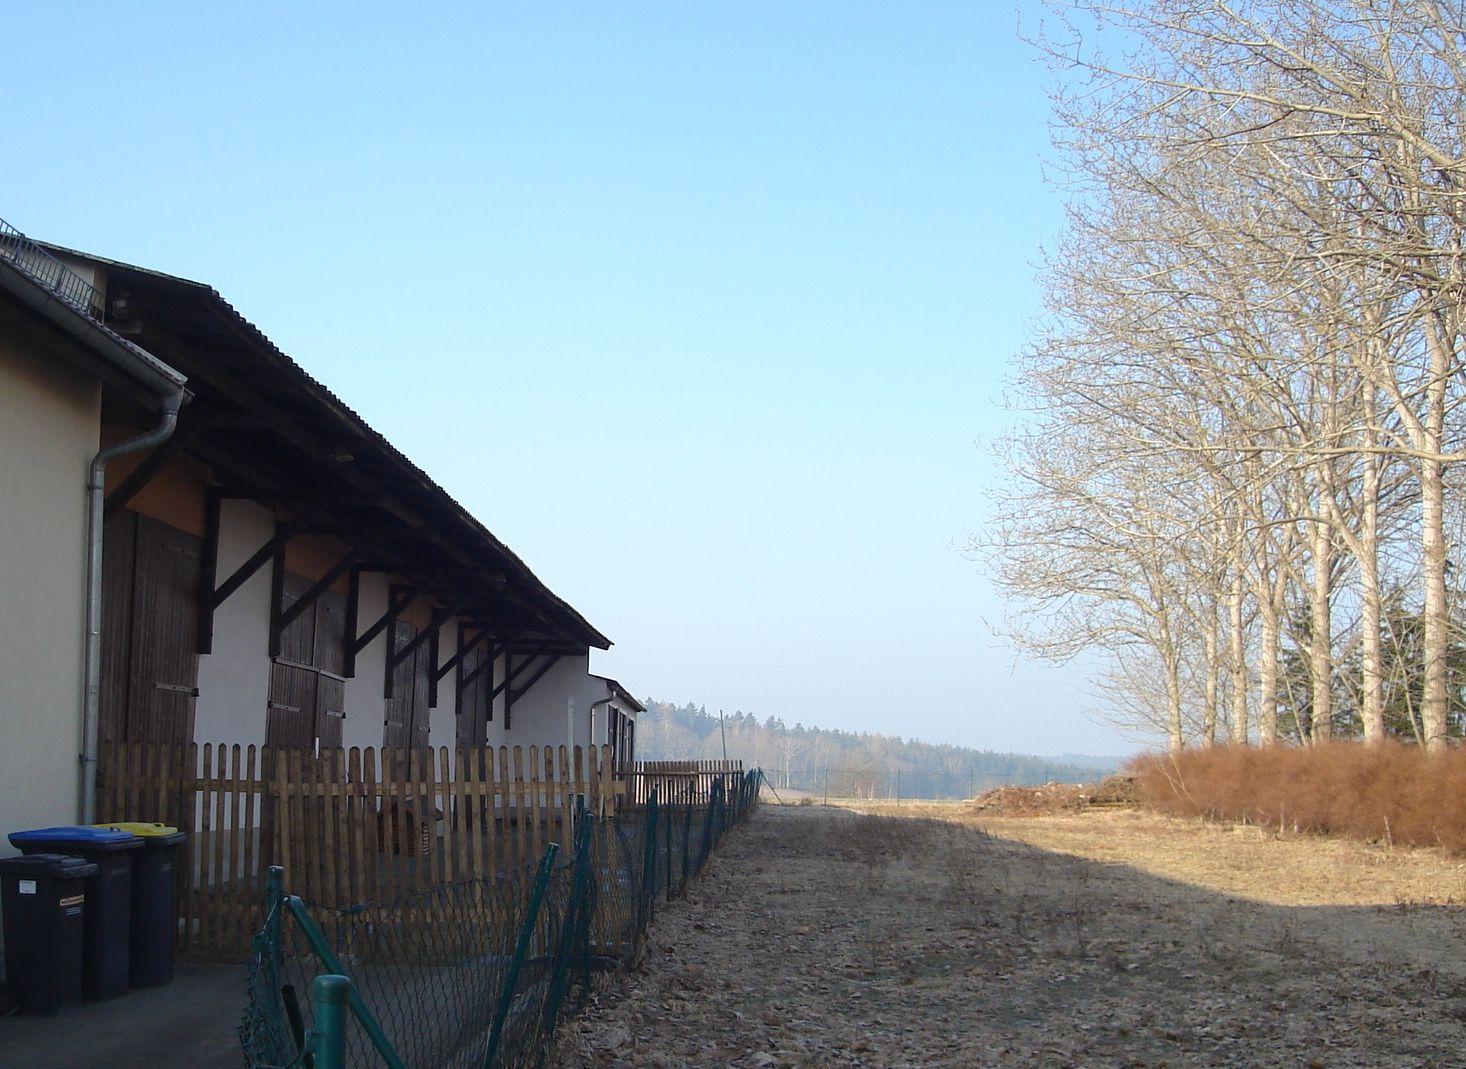 Die einsturzgefährdete Lagerhalle/Festhalle vor dem Abriss